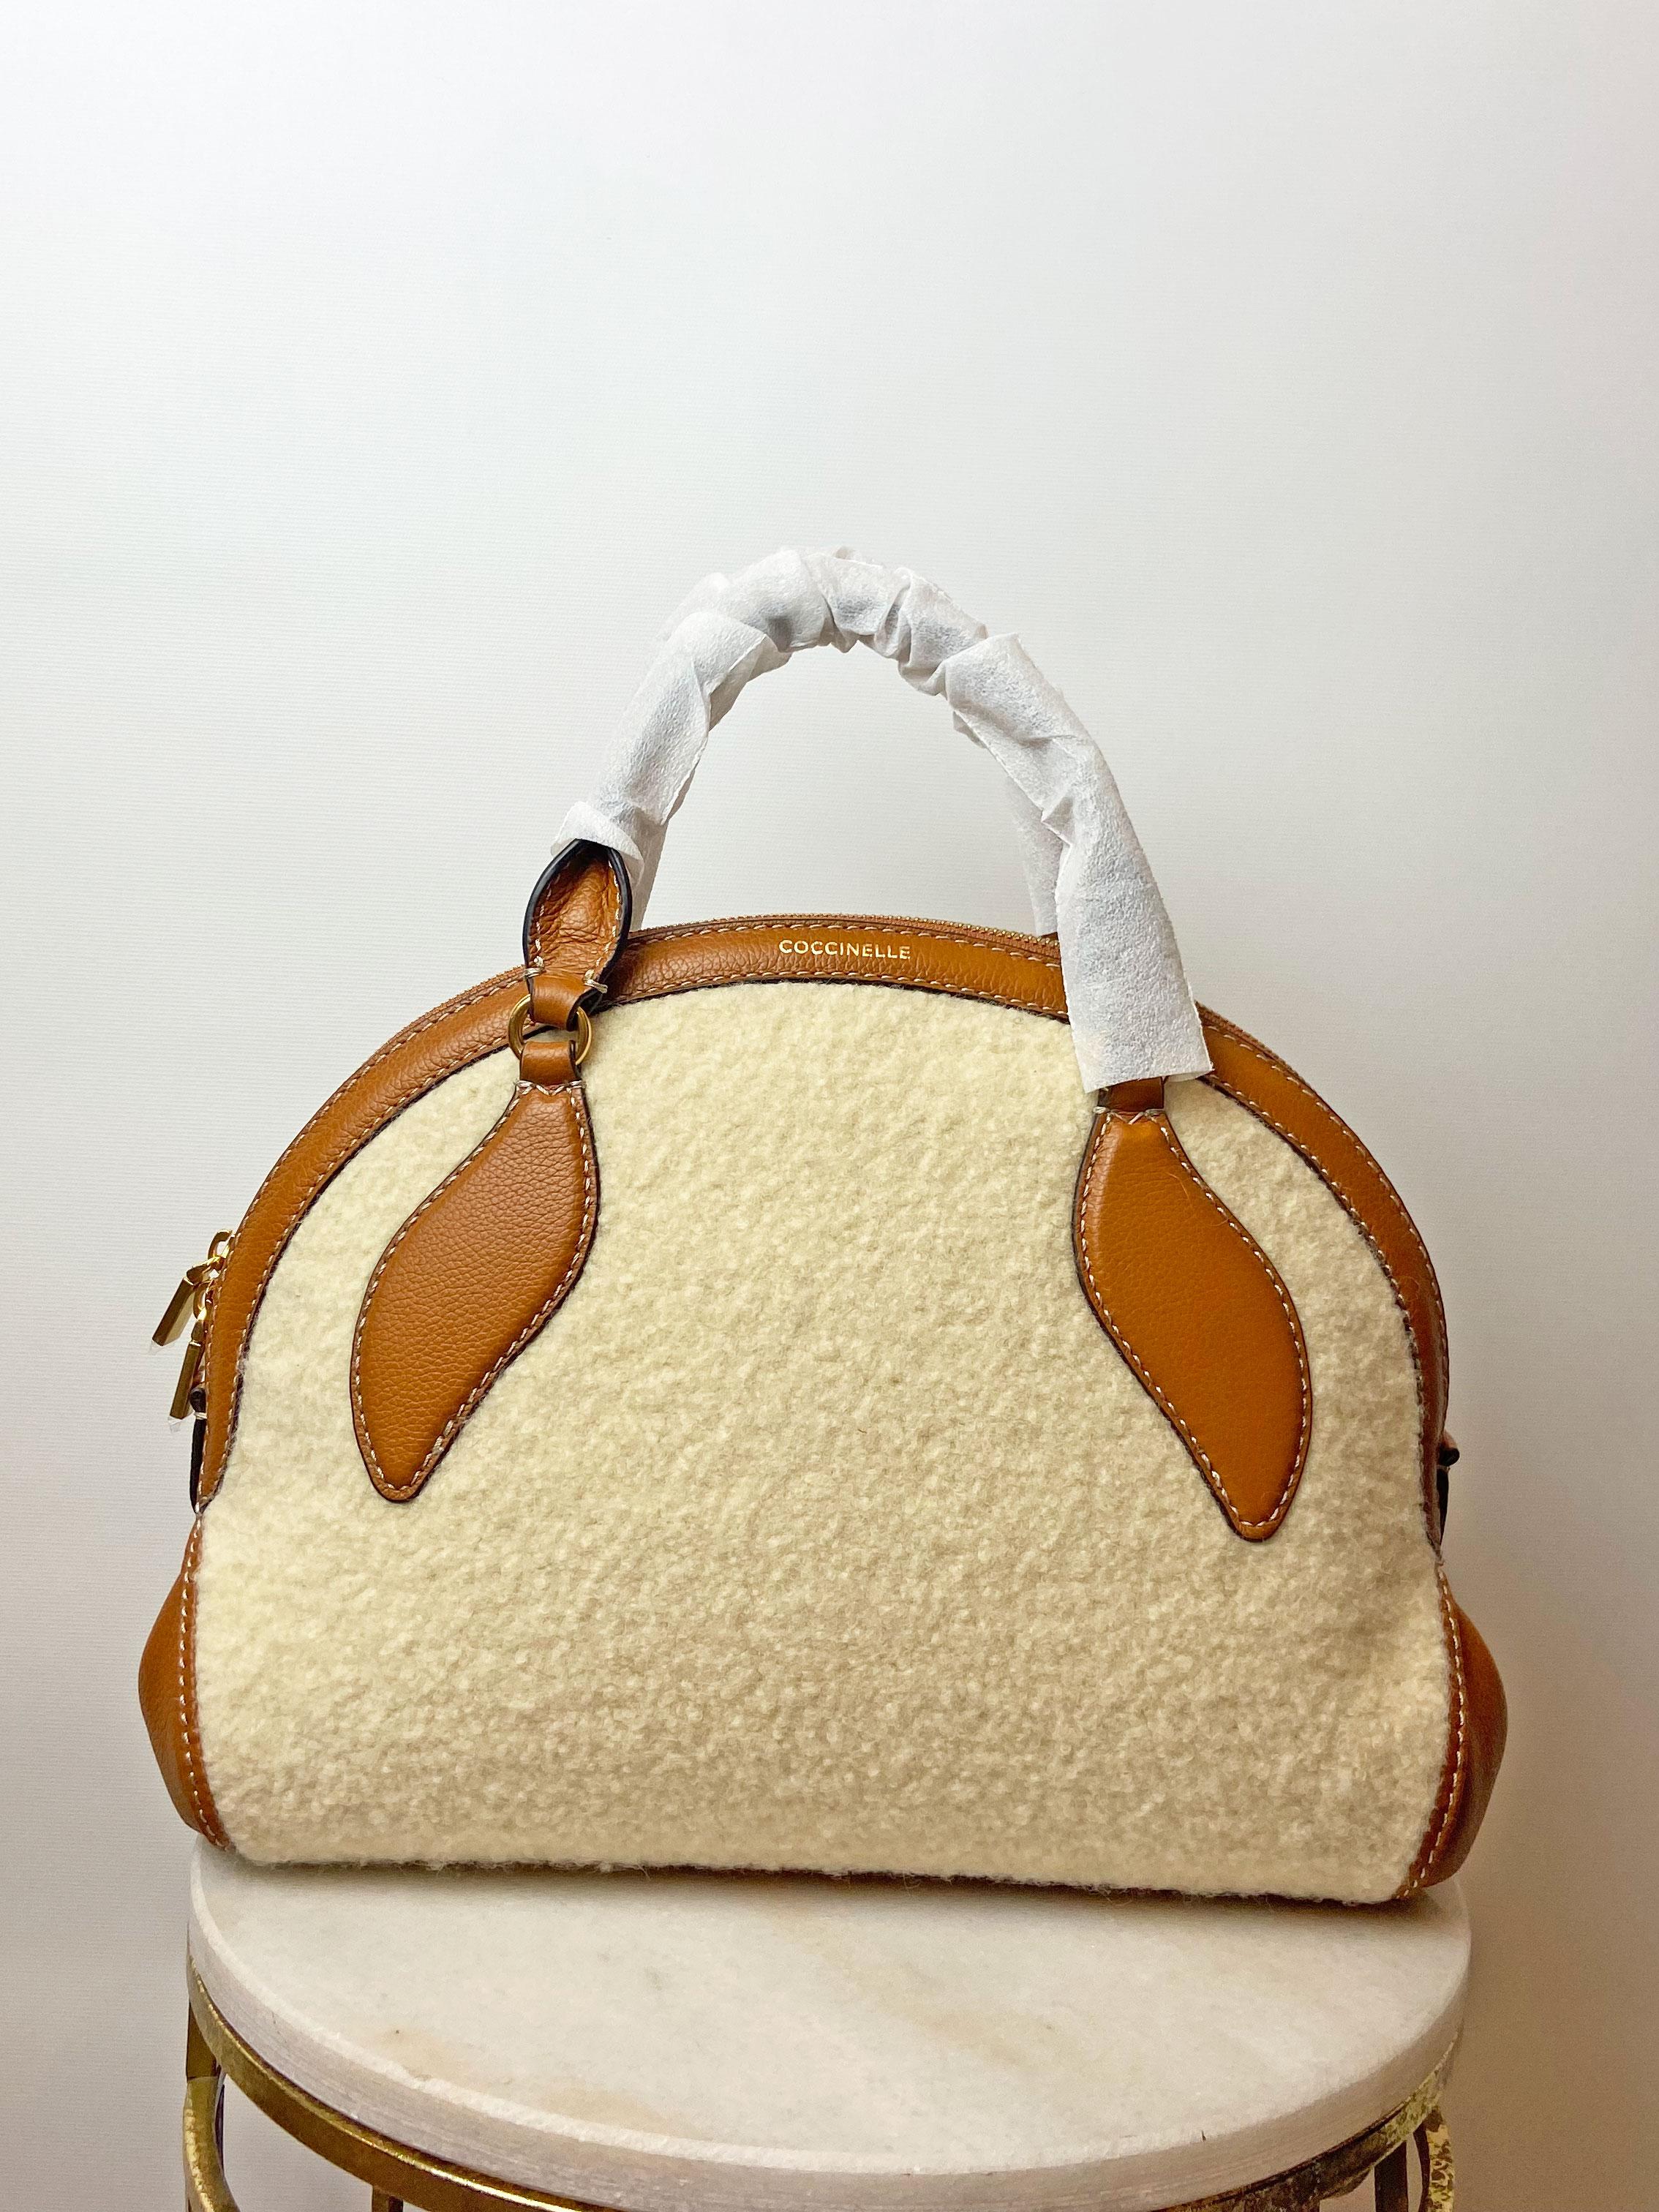 coccinelle-colette-wool-handbag-natural-caramel